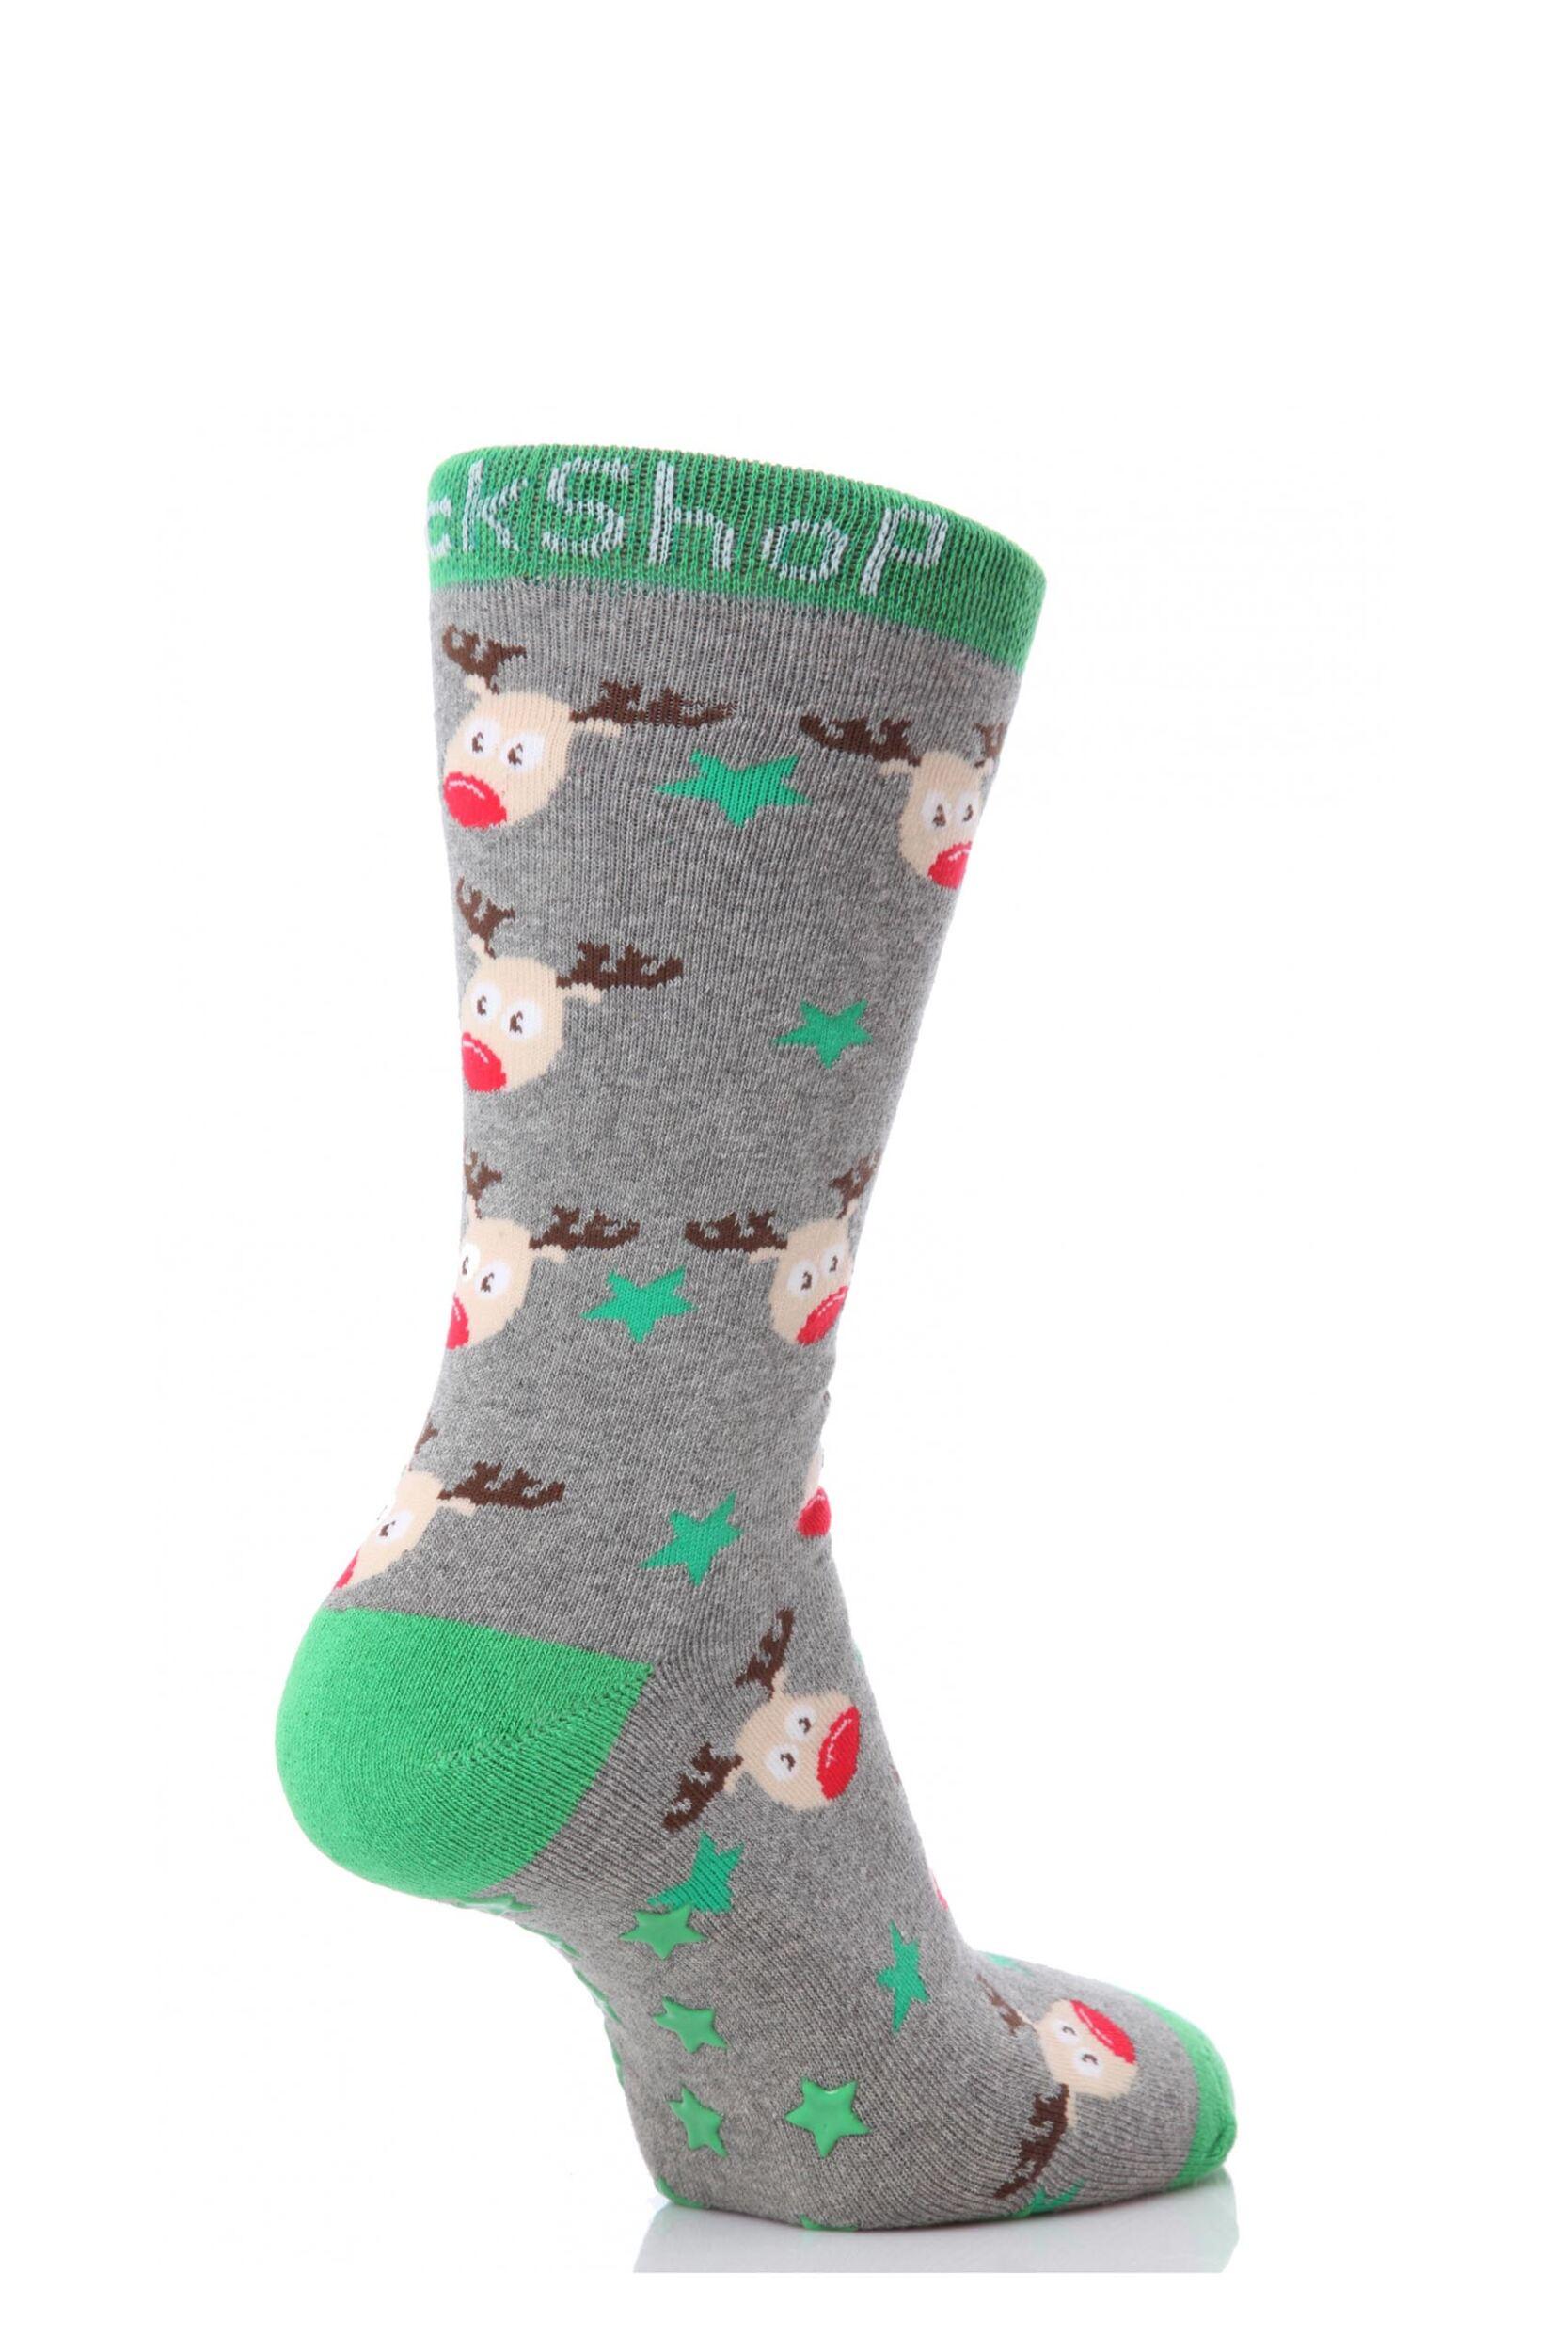 Kids 1 Pair SockShop Christmas Rudolph Slipper Socks | EBay